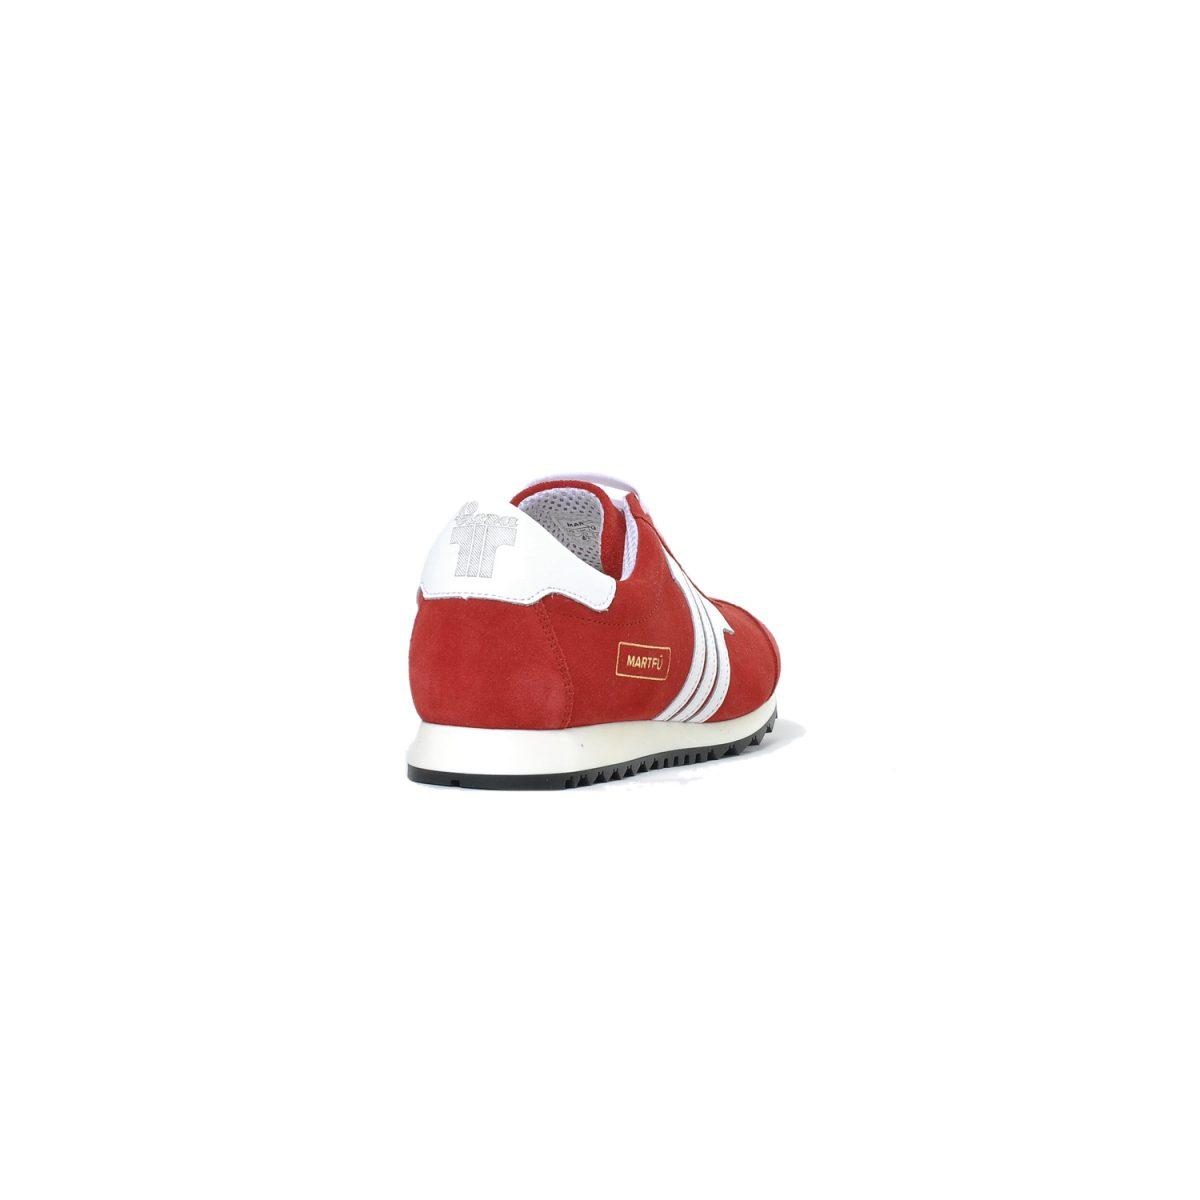 Tisza shoes - Martfű - Cherry-white